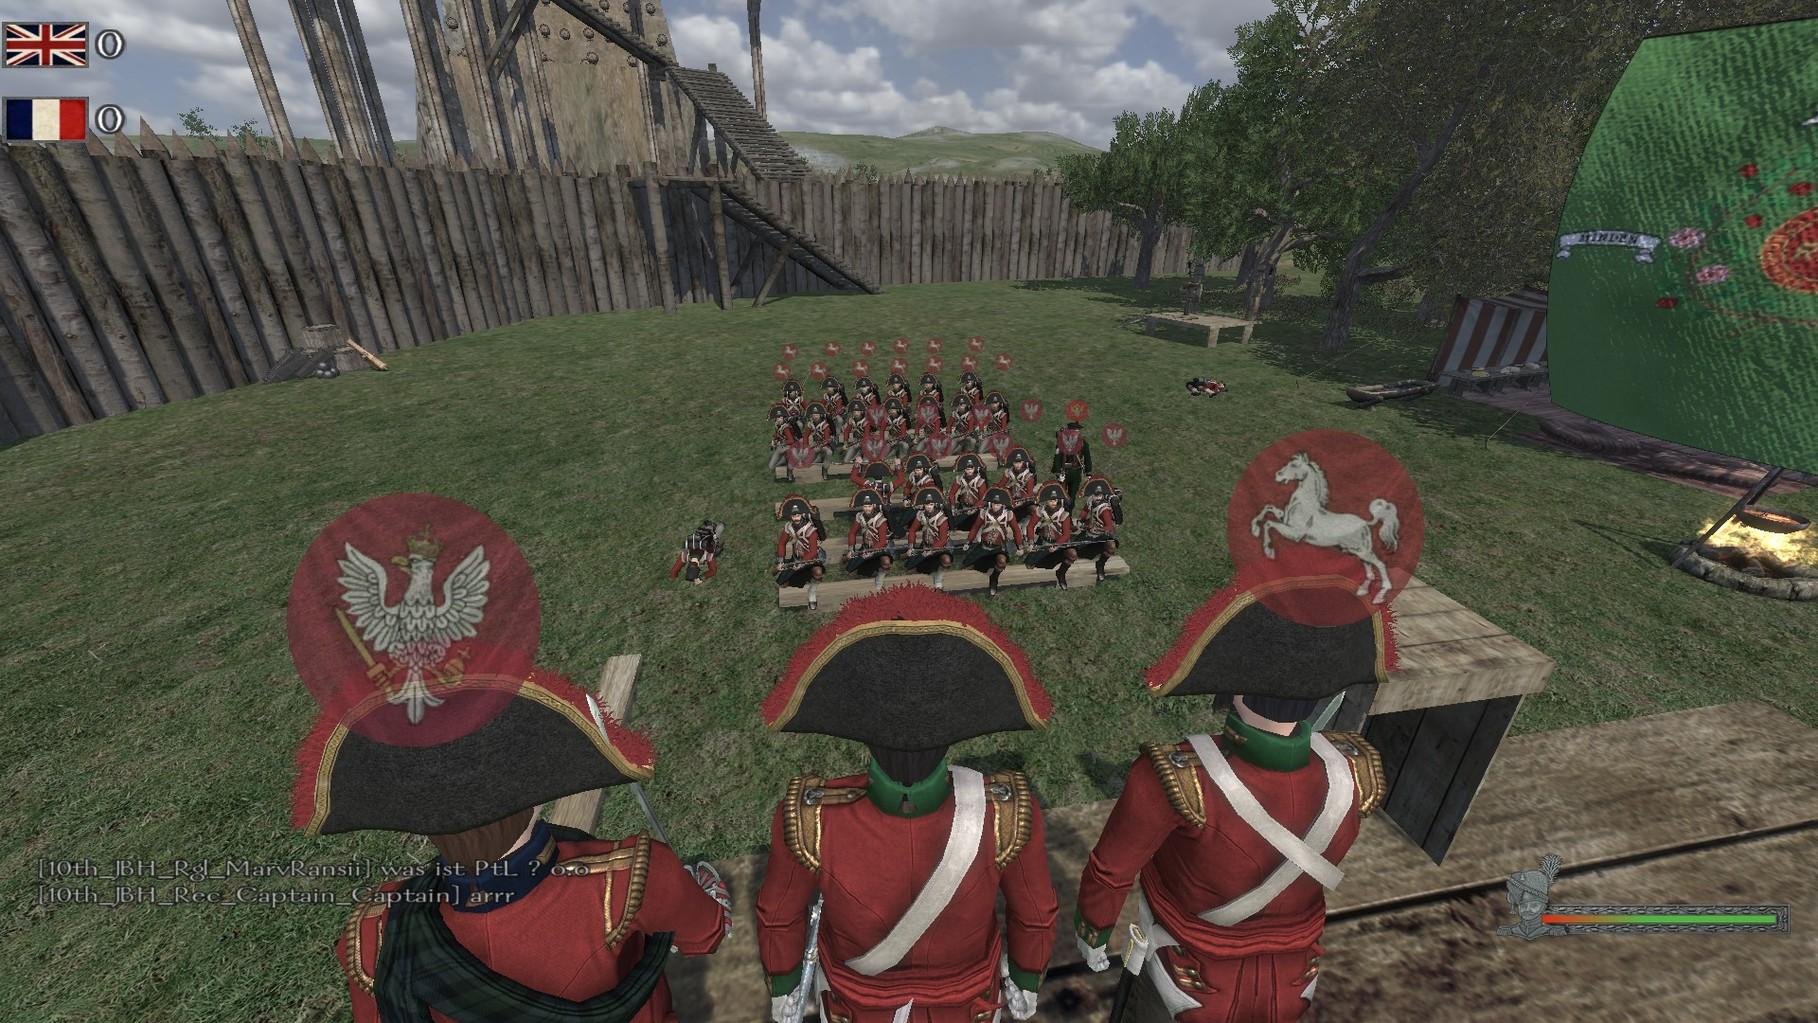 Nachbesprechung mit der Linieninfanterie, der Leichten Infanterie und anfängen der Jäger.